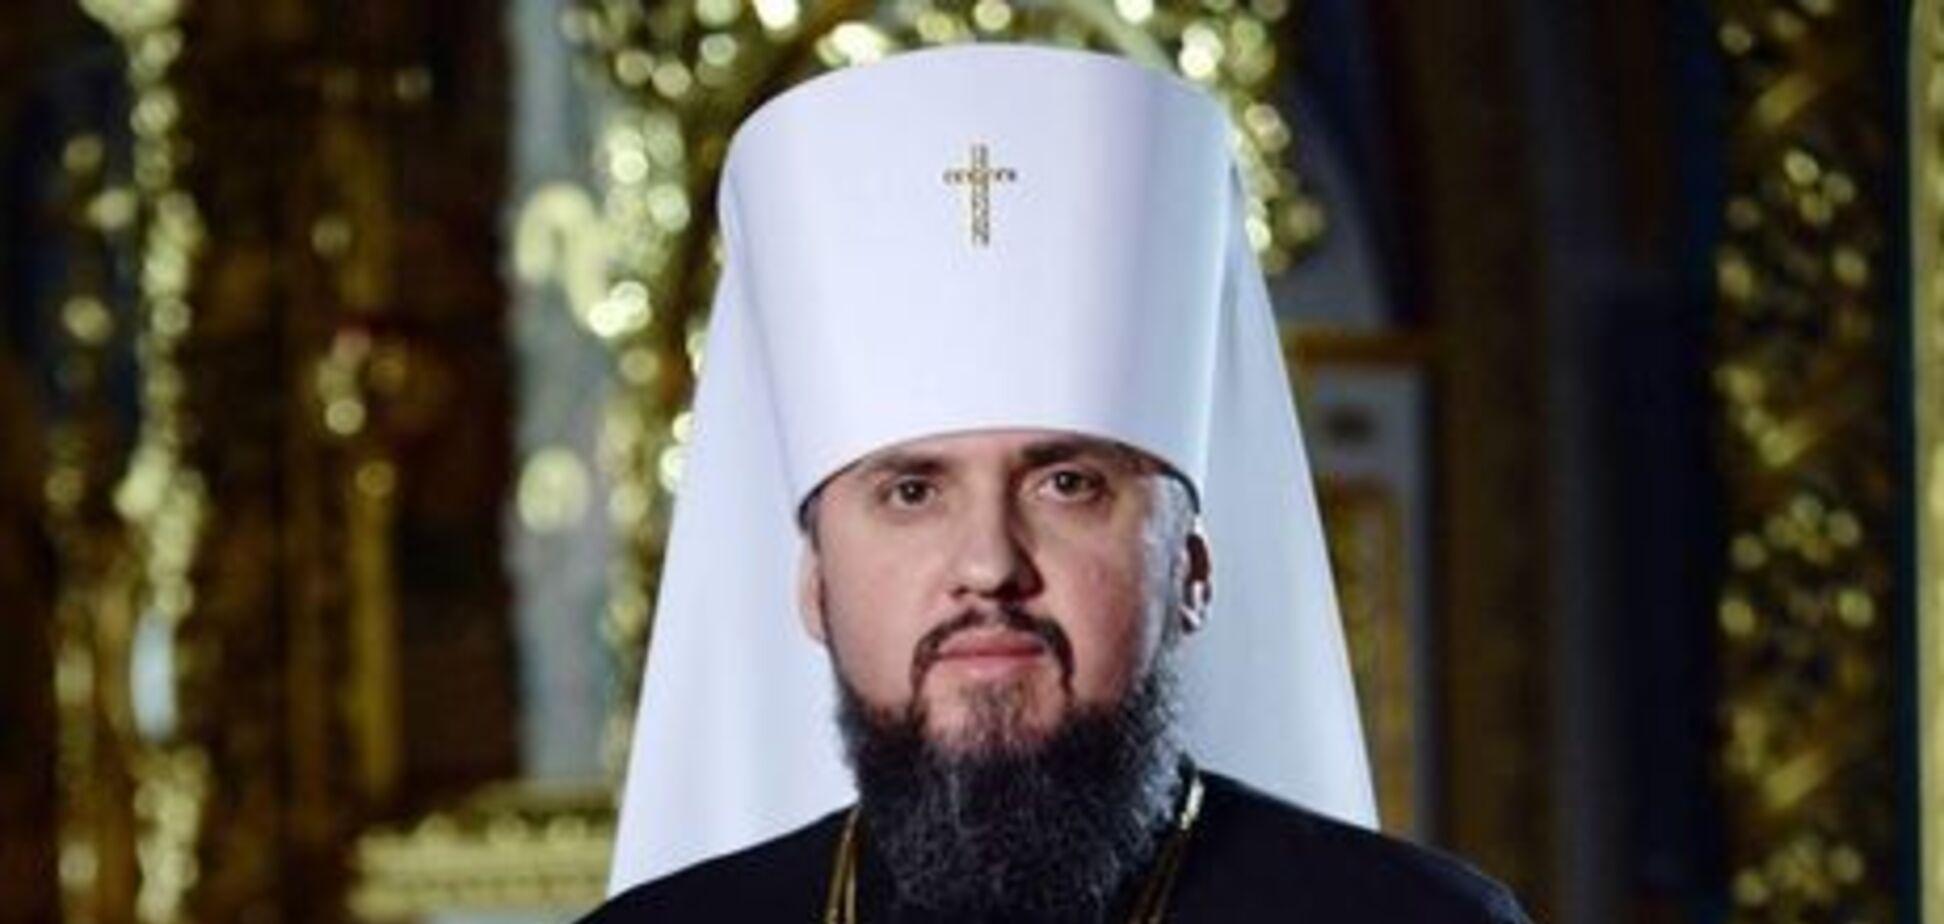 'РПЦ – наші брати!' Епіфаній дав несподіваний прогноз про відносини з Росією